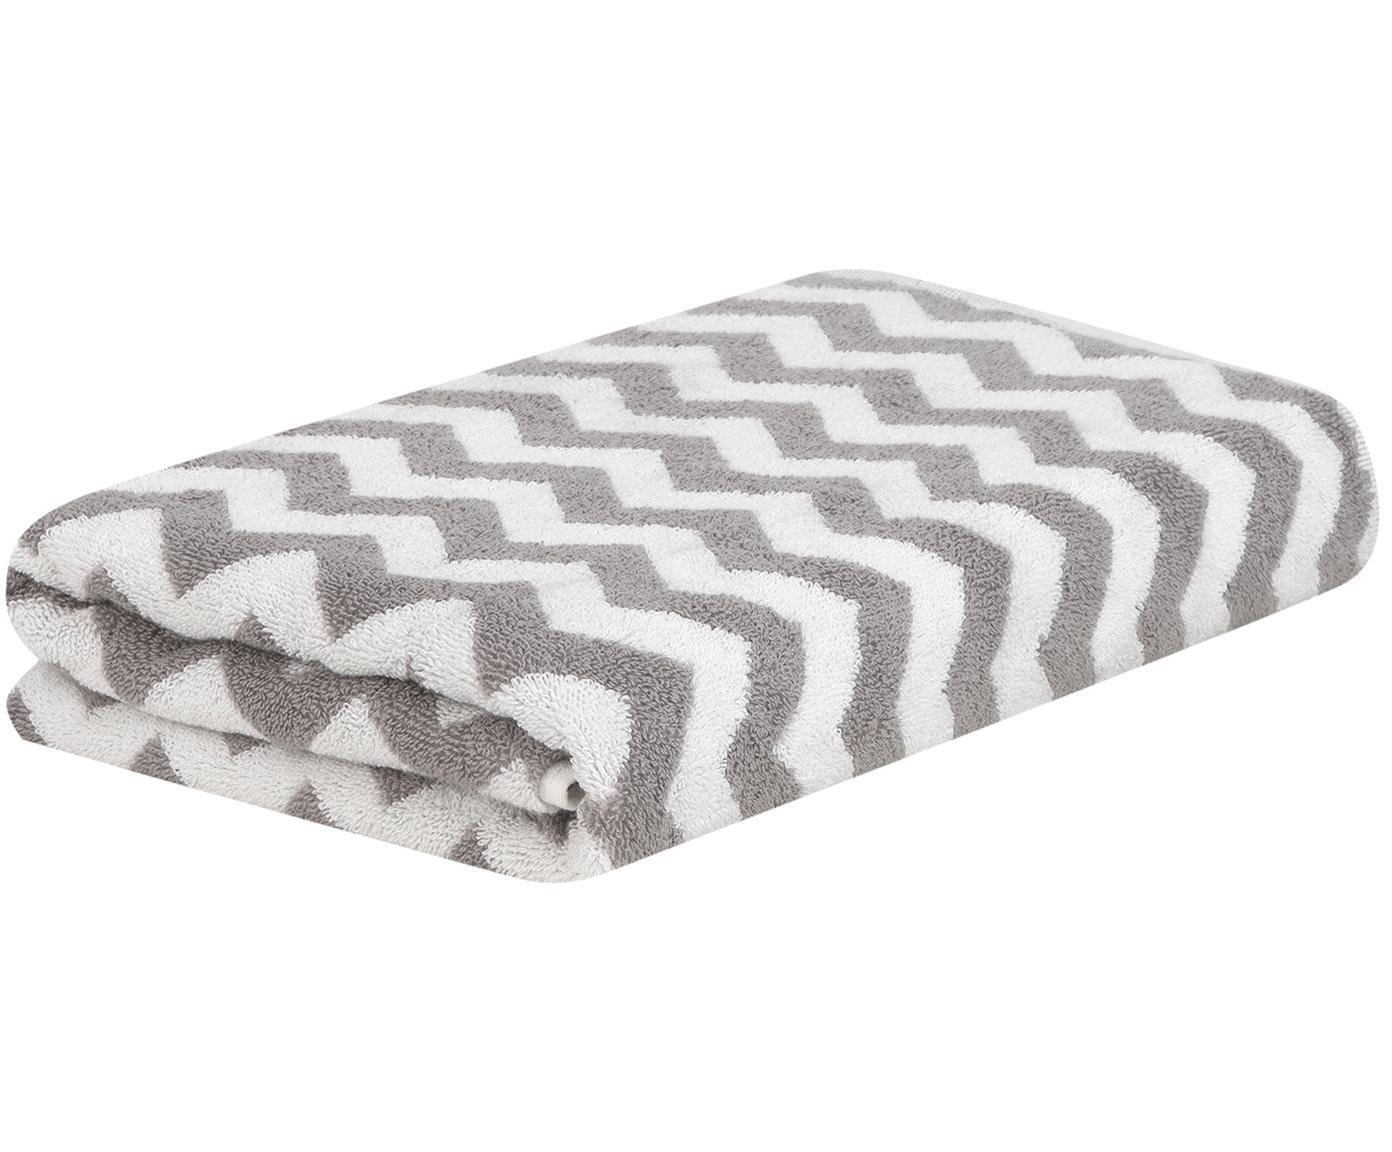 Asciugamano con motivo a zigzag Liv, Grigio, bianco crema, Asciugamano